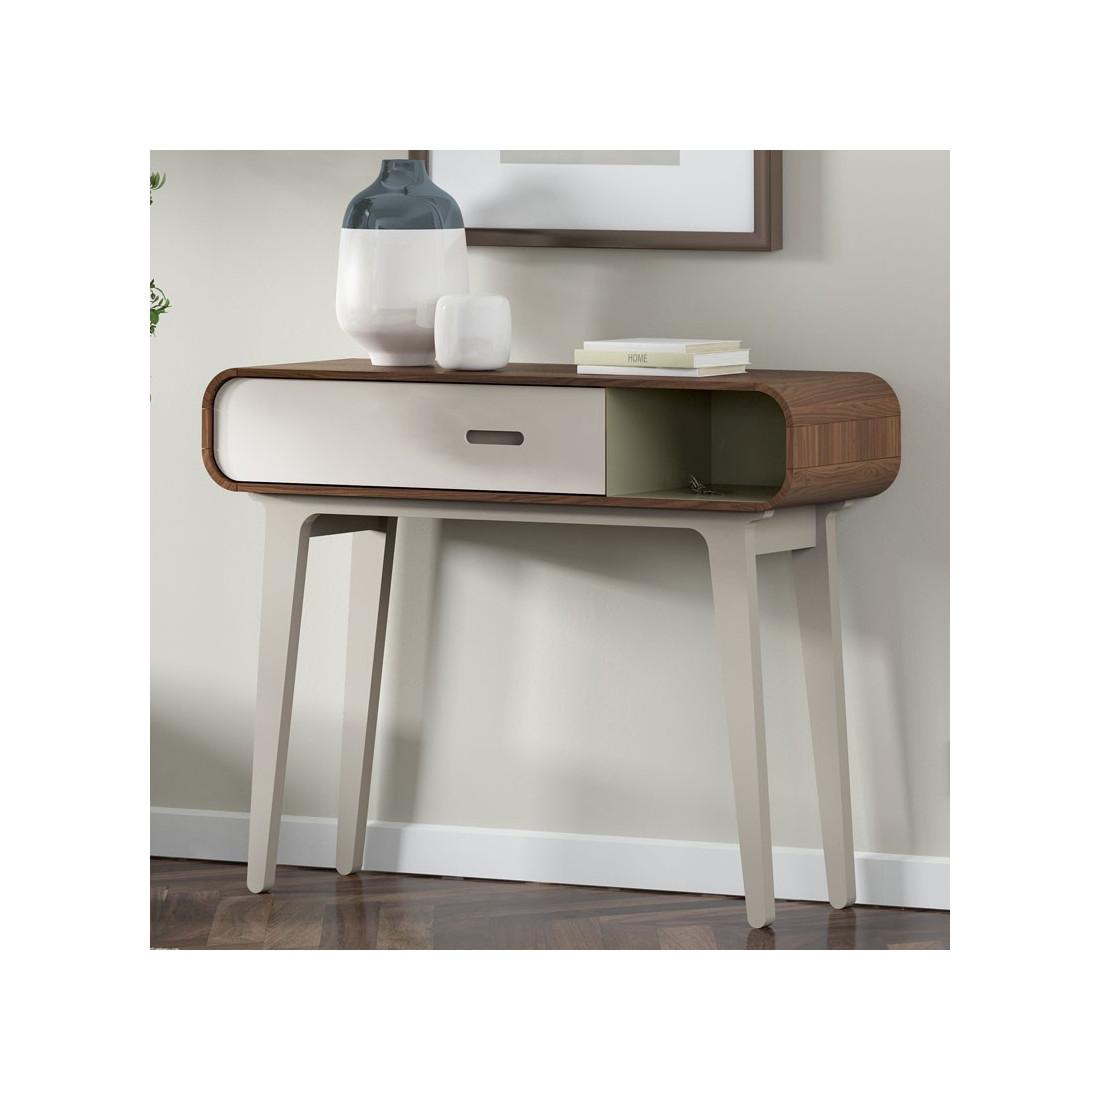 console 1 tiroir 1 niche vintag noyer fifty univers petits meubles. Black Bedroom Furniture Sets. Home Design Ideas